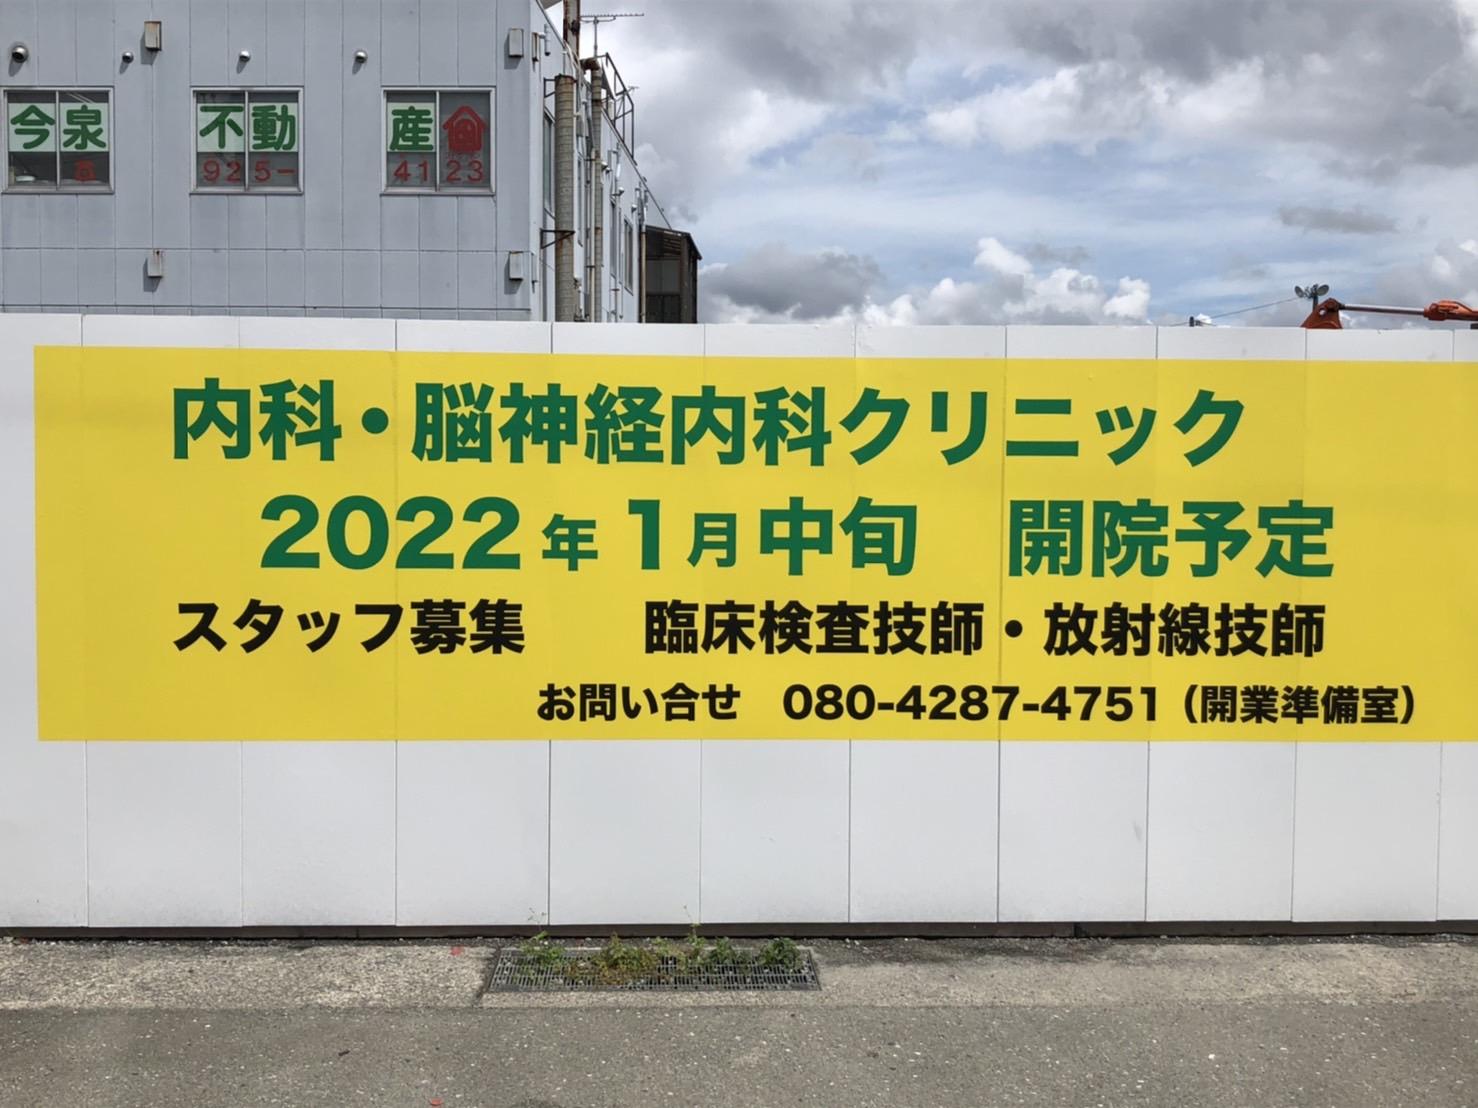 福岡県太宰府市高雄1丁目(高雄交差点)開業案件